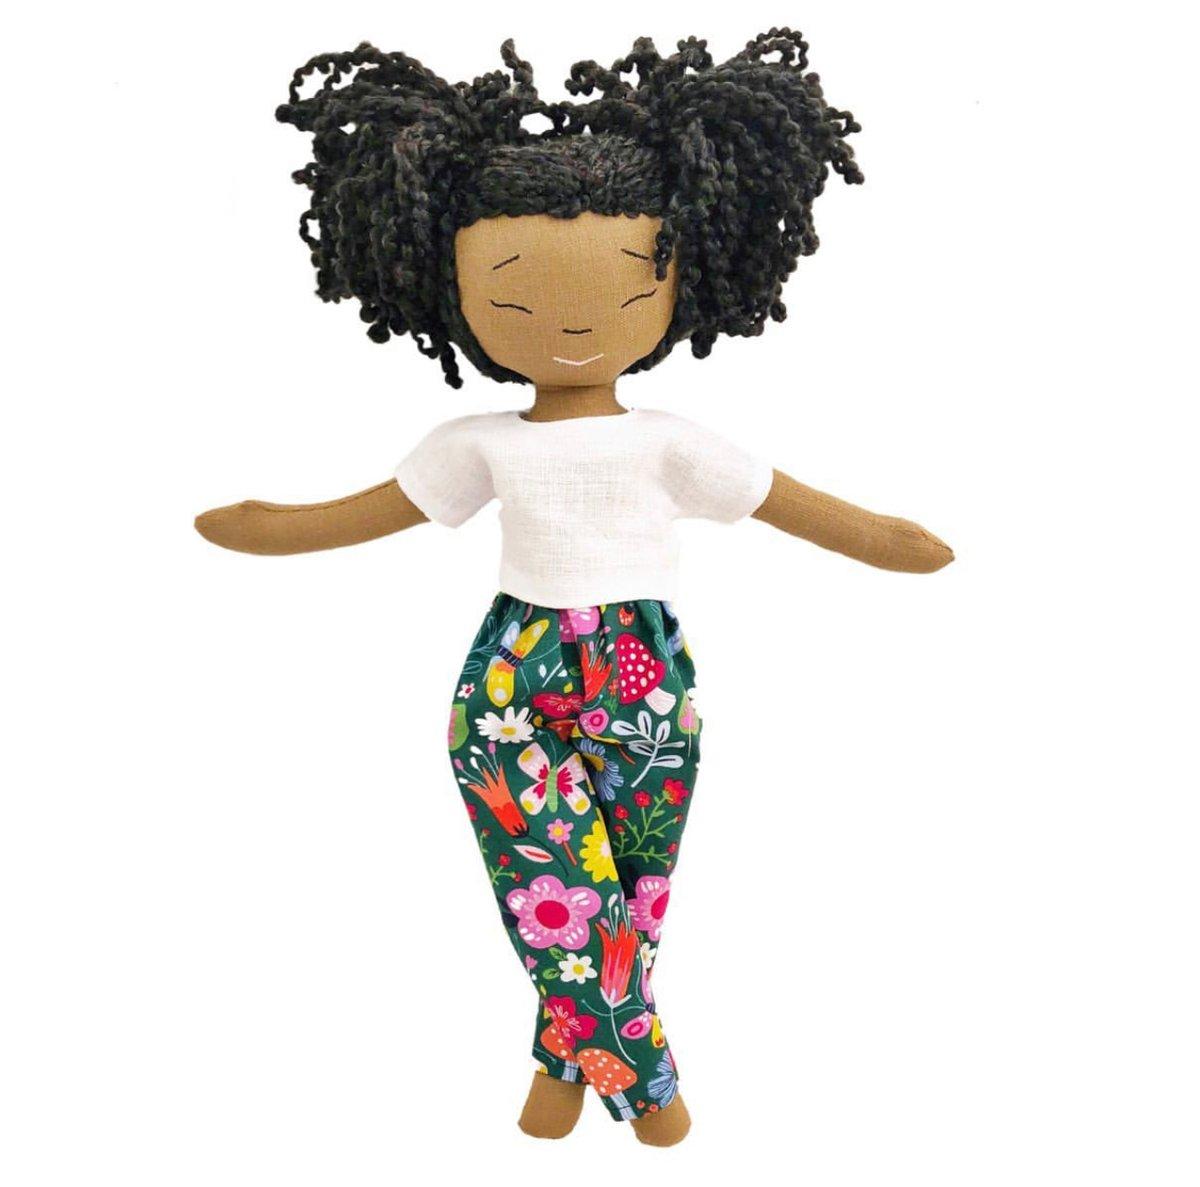 Nikki X Handmade Linen Doll (Waitlist Preorder Item - ship date Oct 1-Mar 30,2022)